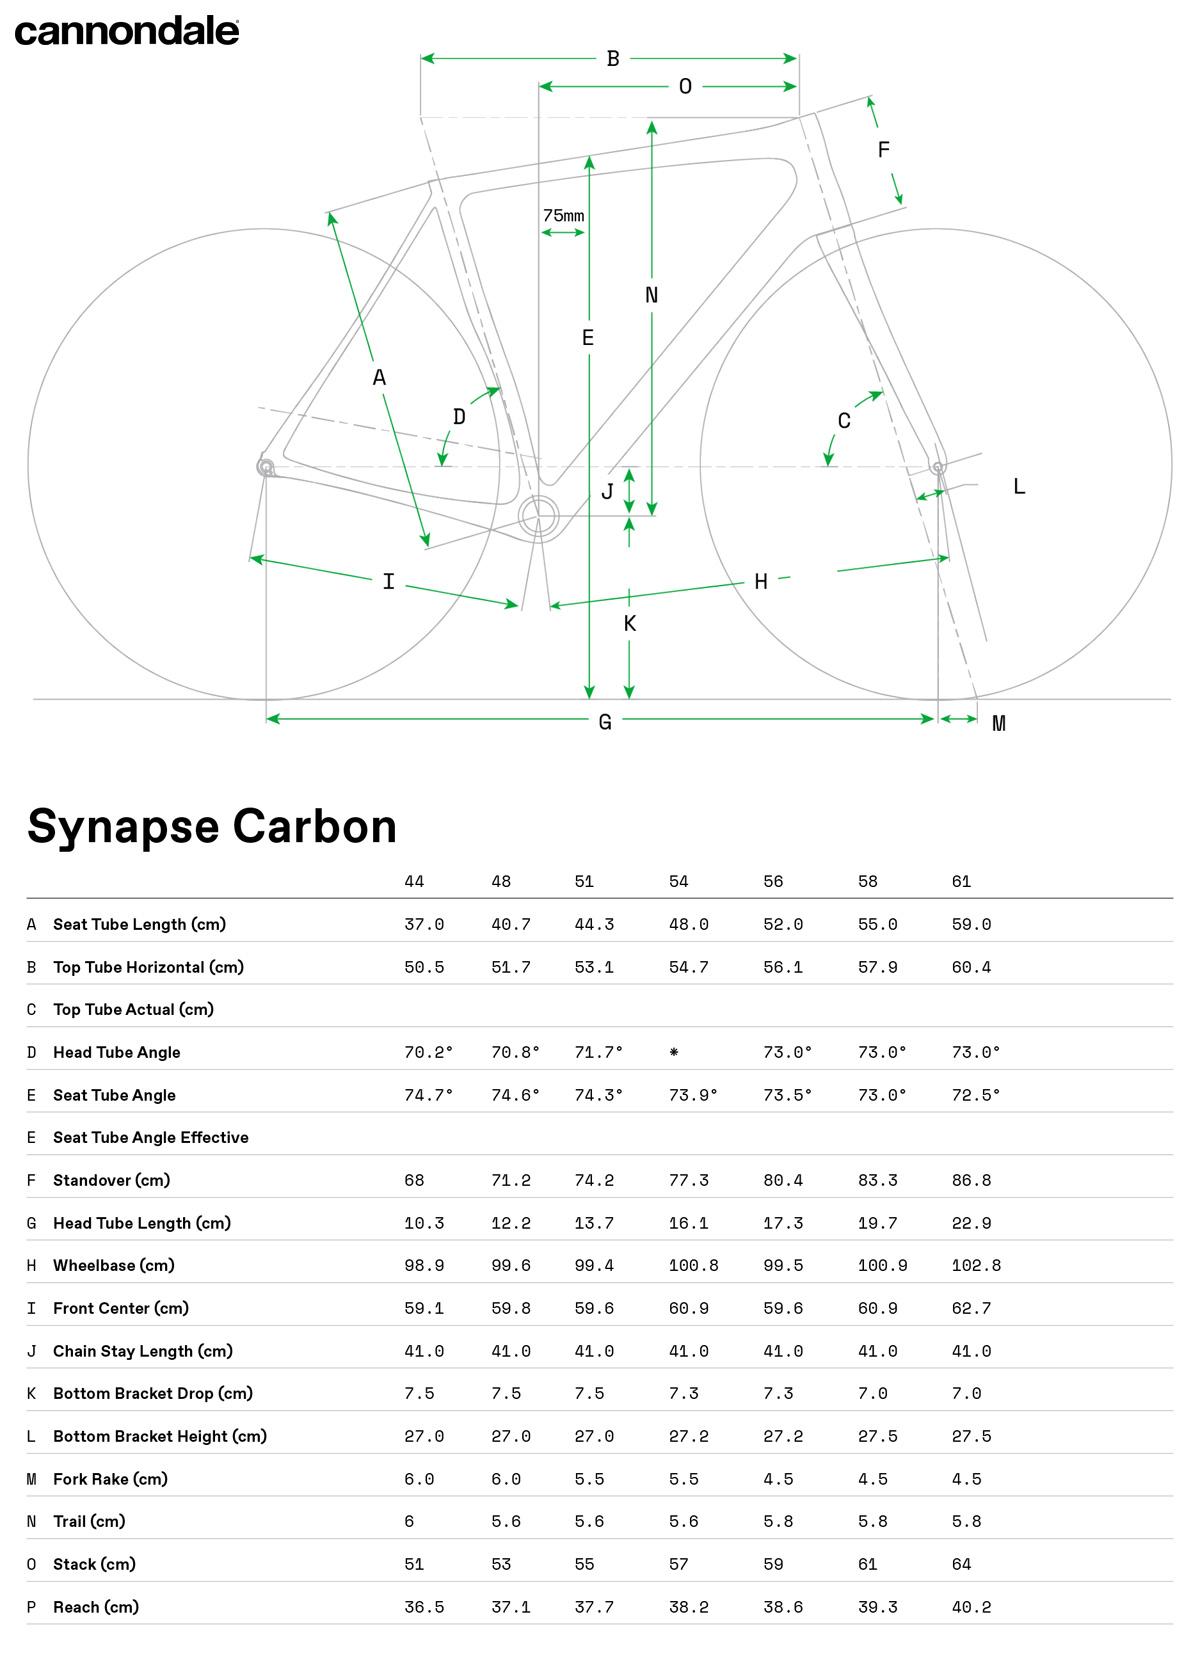 La tabella con le misure e le geometrie della bicicletta Cannondale Synapse Carbon Hi-MOD Disc Ultegra Di2 2020